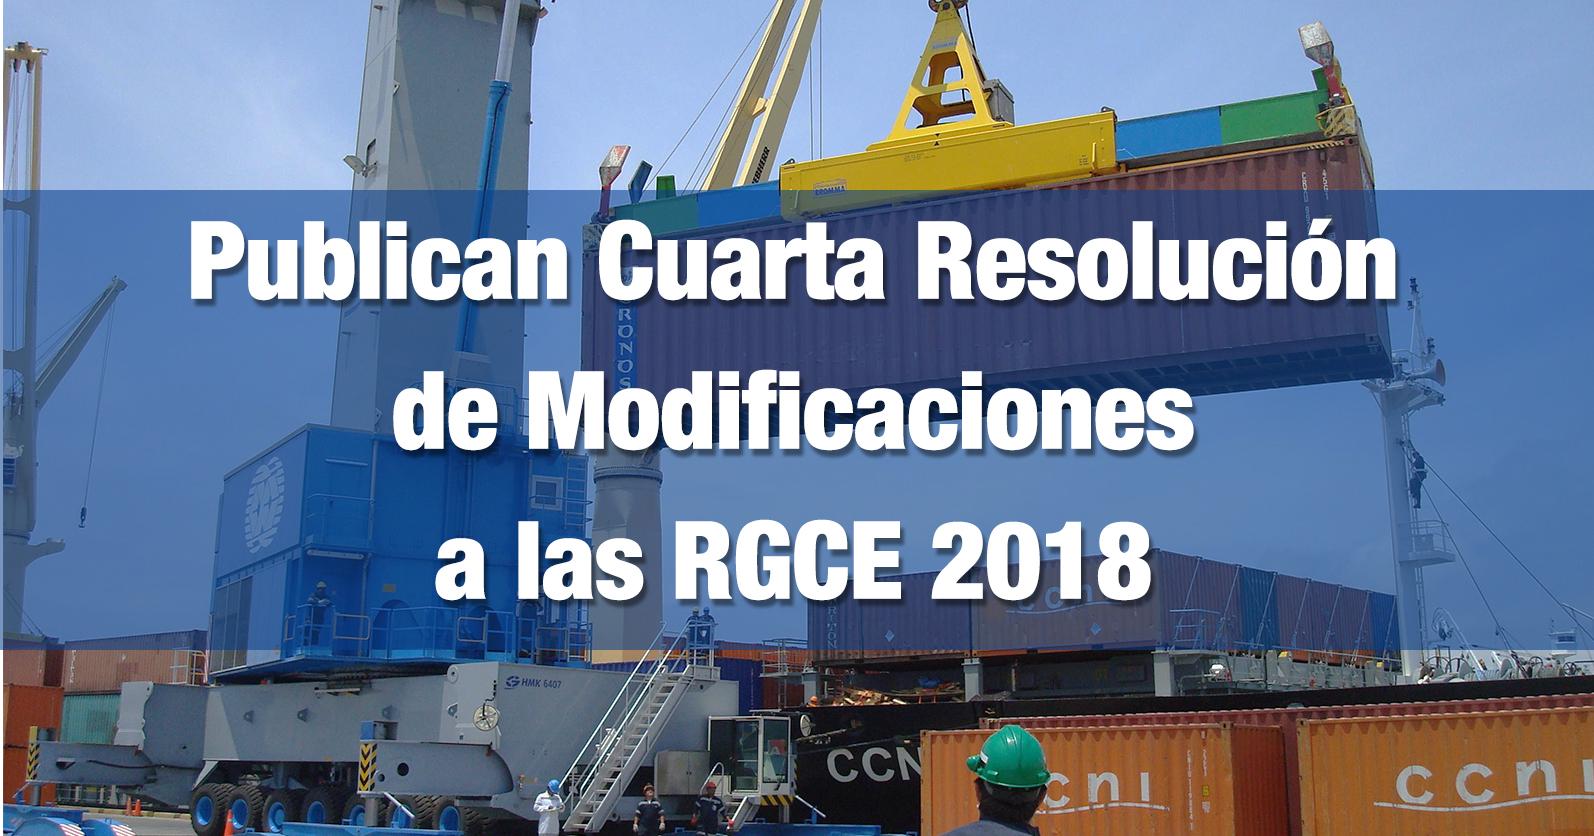 Publican Cuarta Resolución de Modificaciones a las RGCE 2018